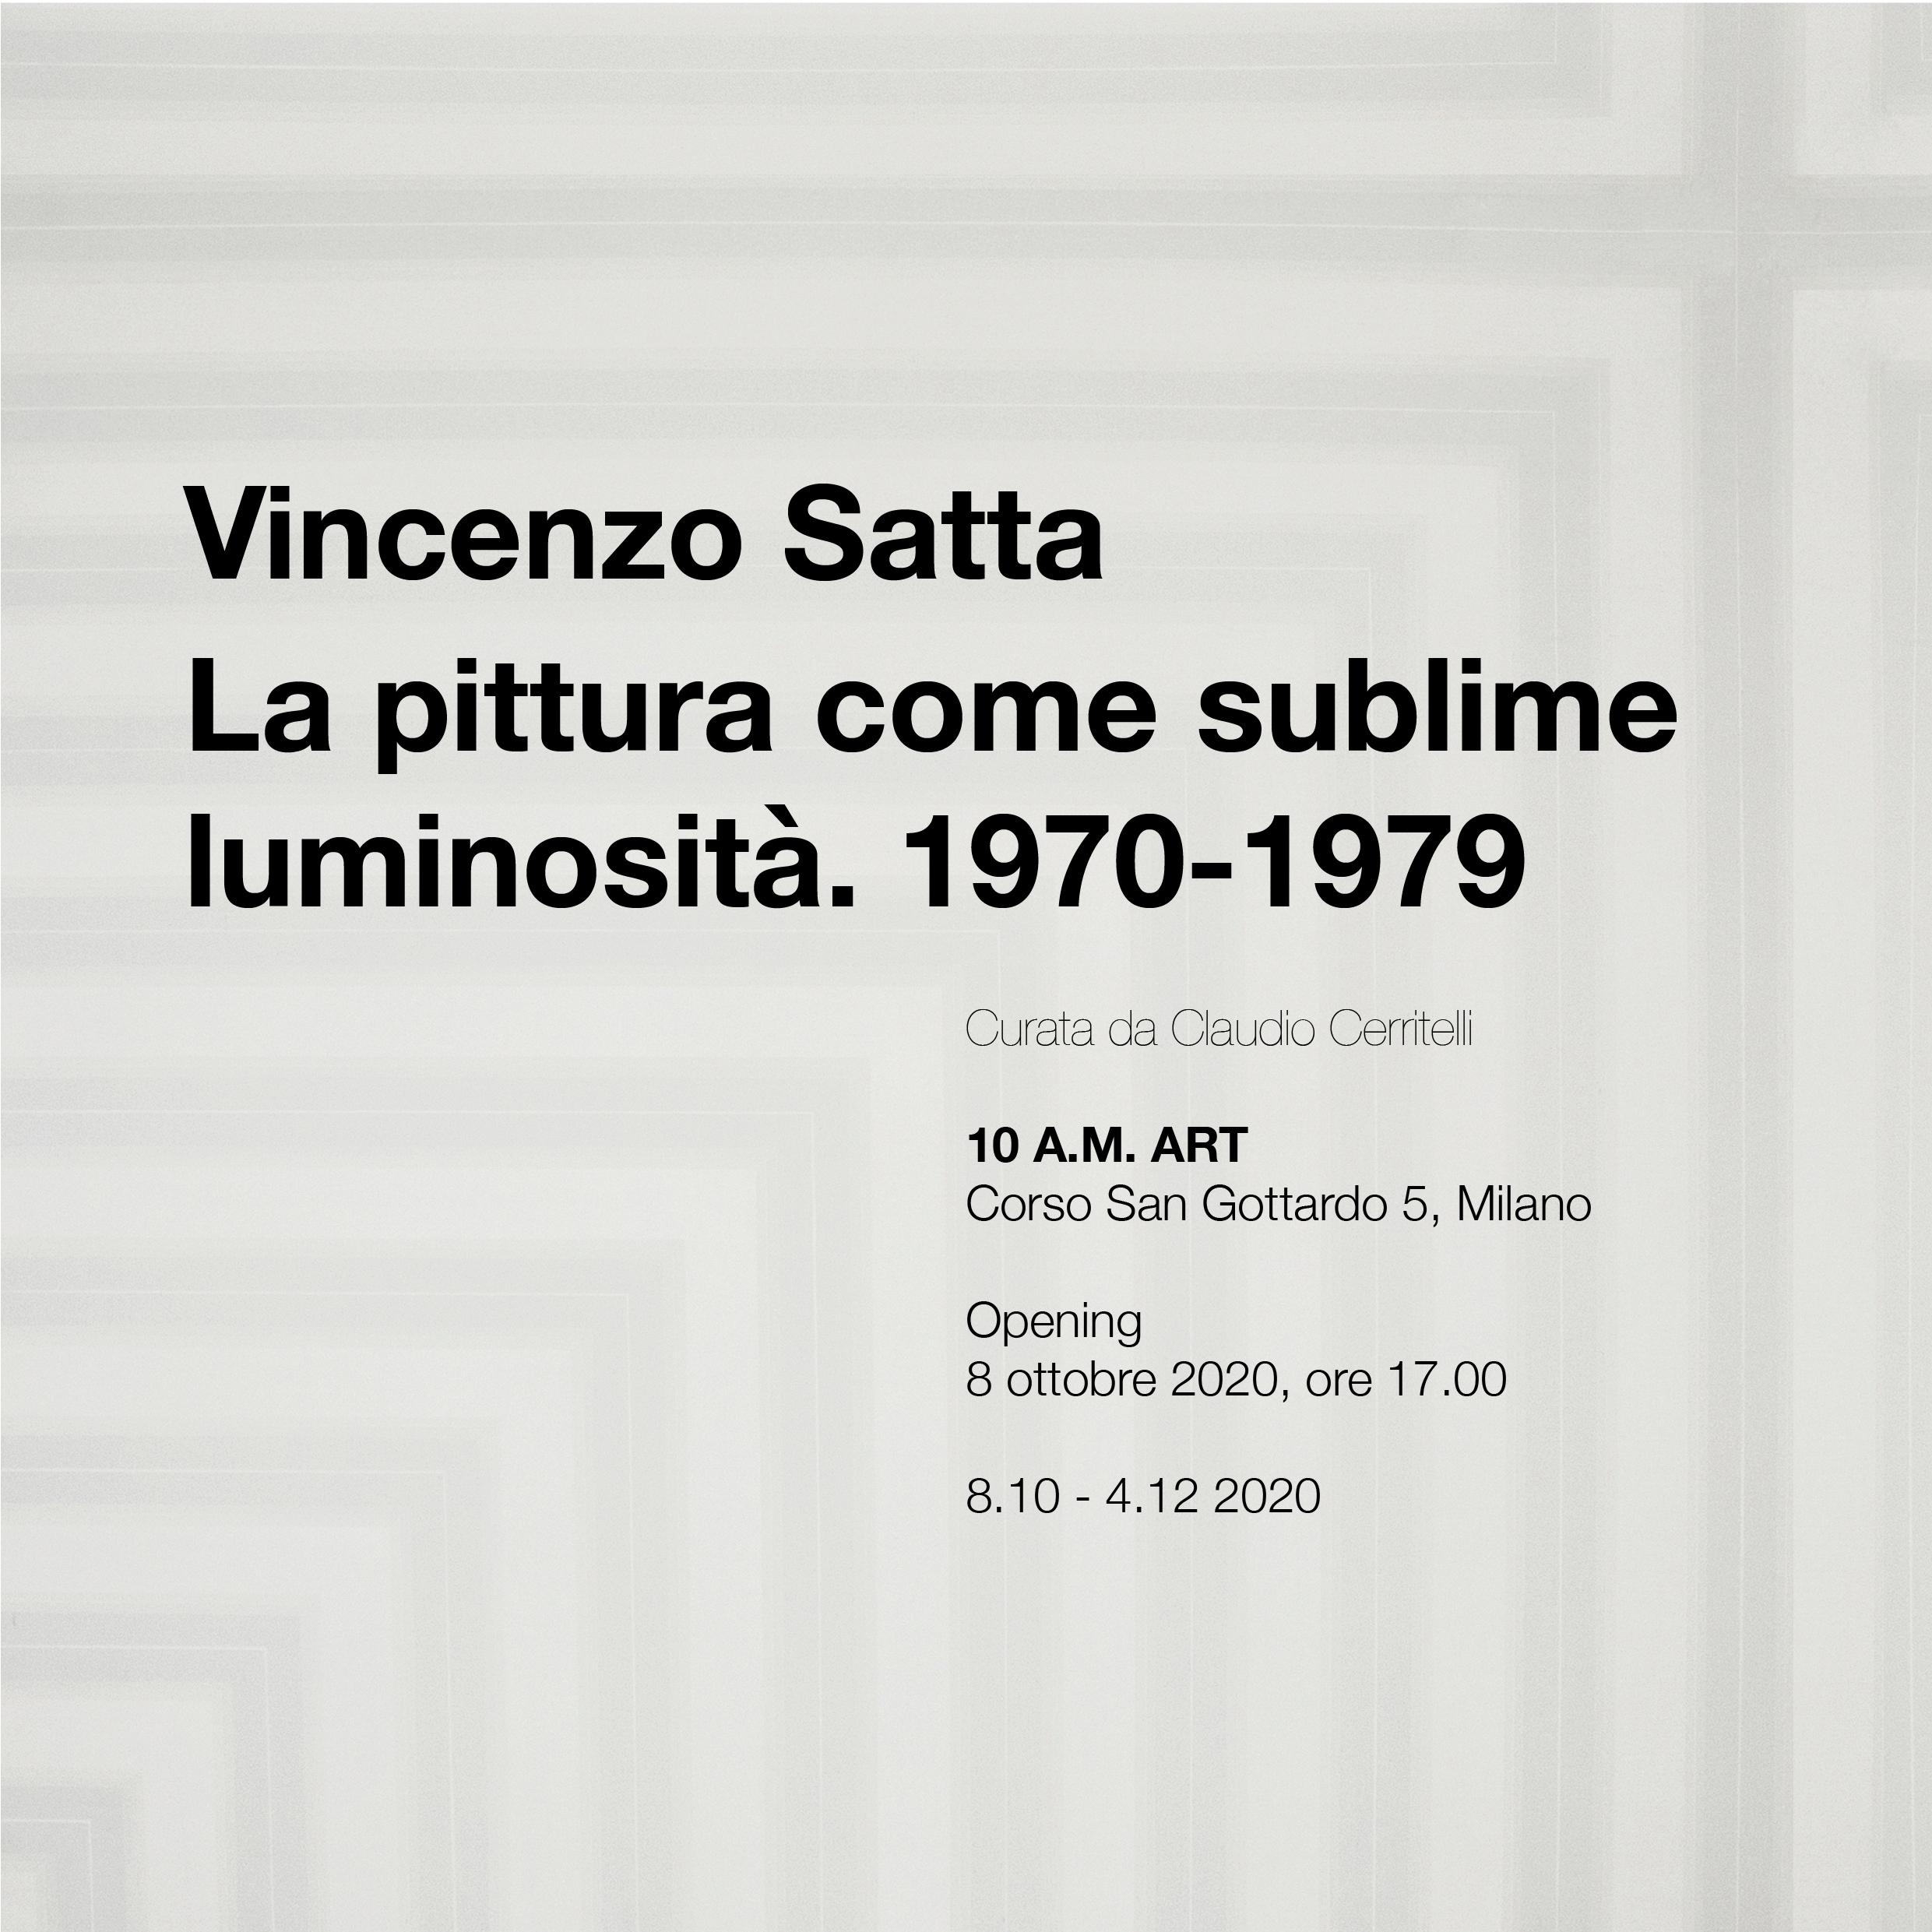 Vincenzo Satta. La pittura come sublime luminosità. 1970-1979